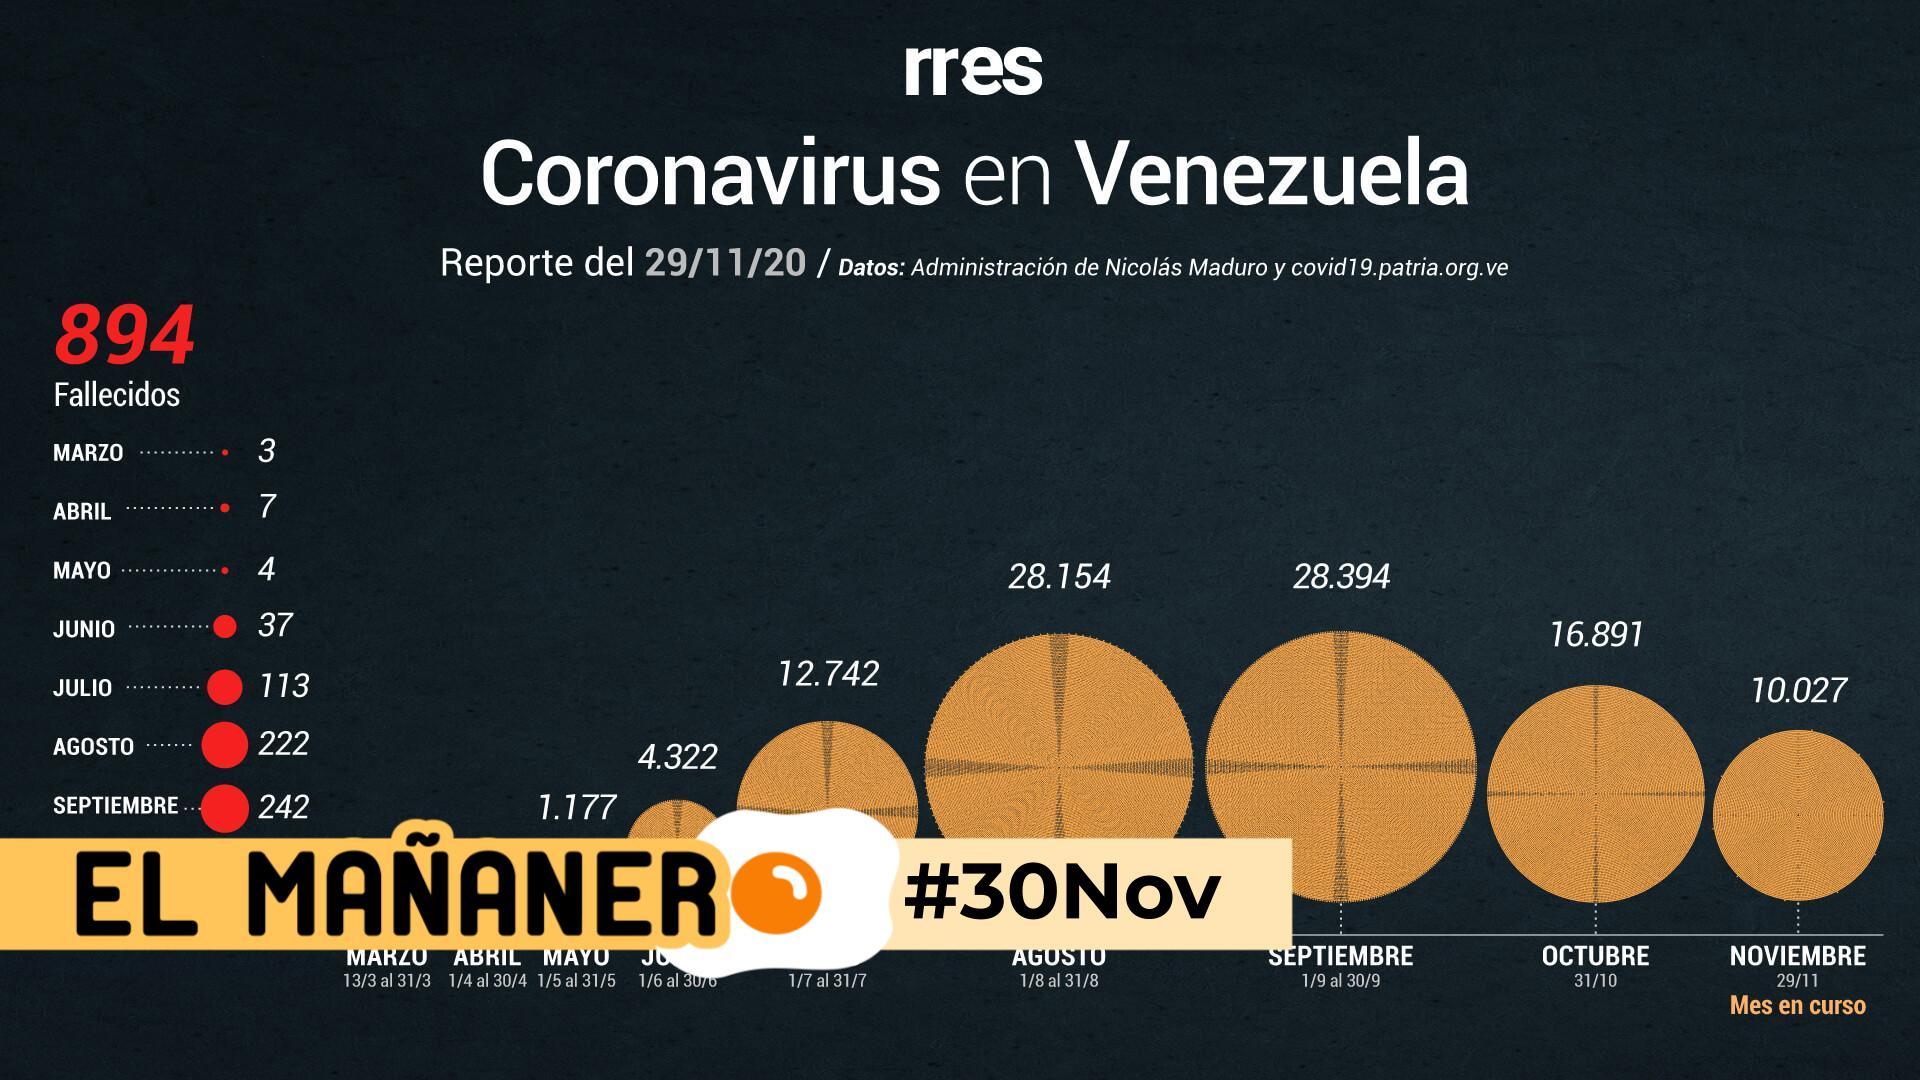 El Mañanero de hoy #30Nov: Las 8 noticias que debes saber